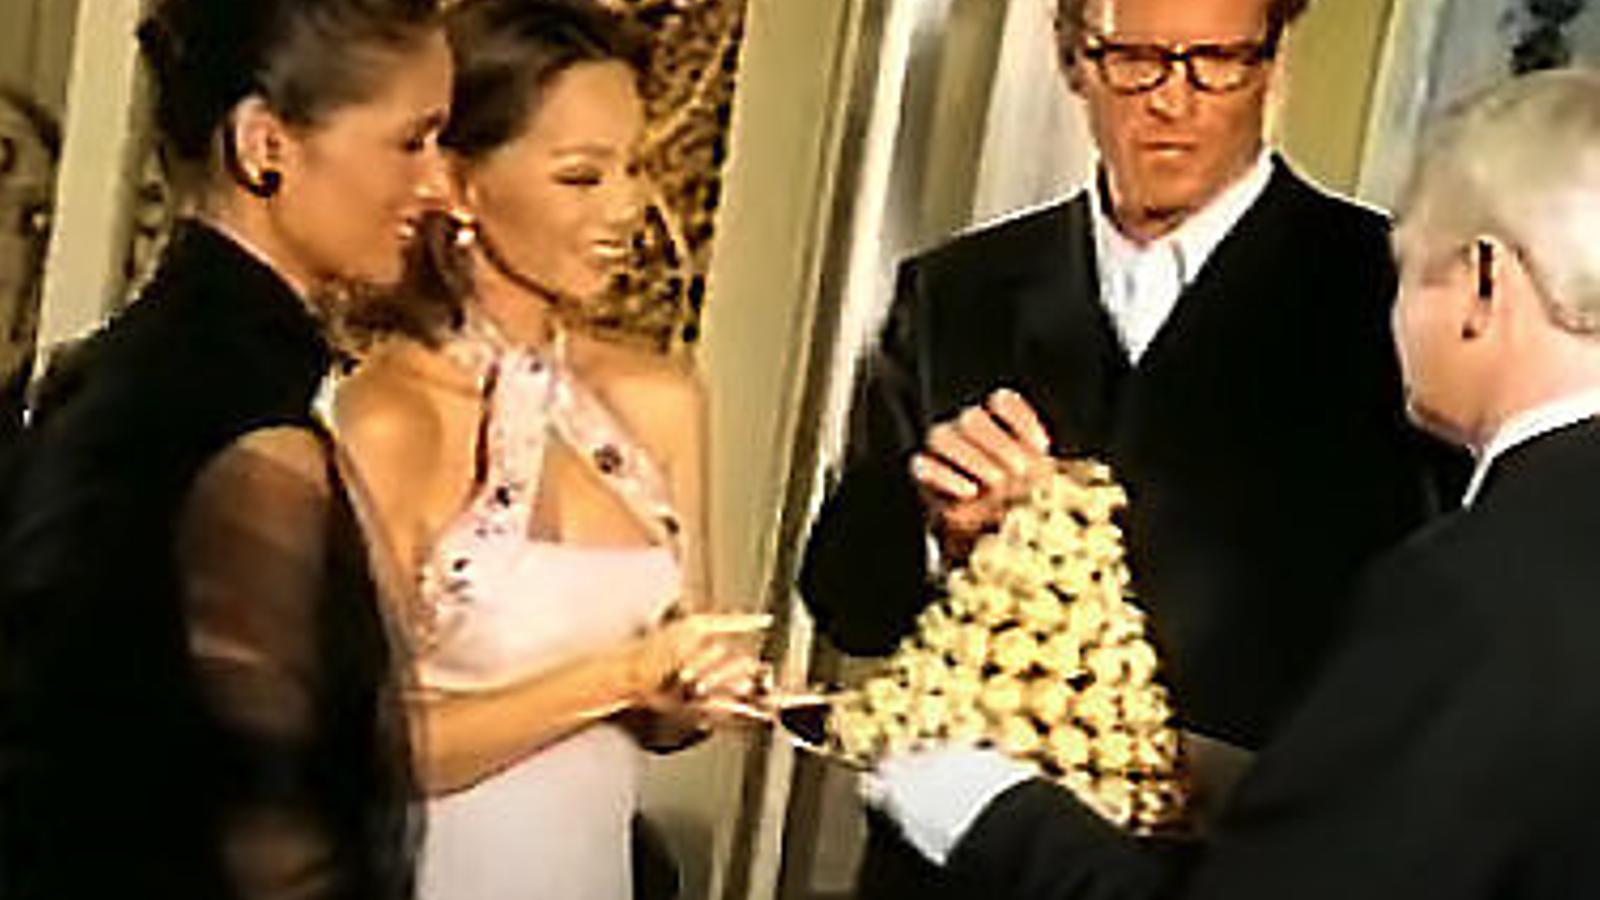 Els anuncis De la nostra vida Ferrero Rocher,  Quin mal gust!